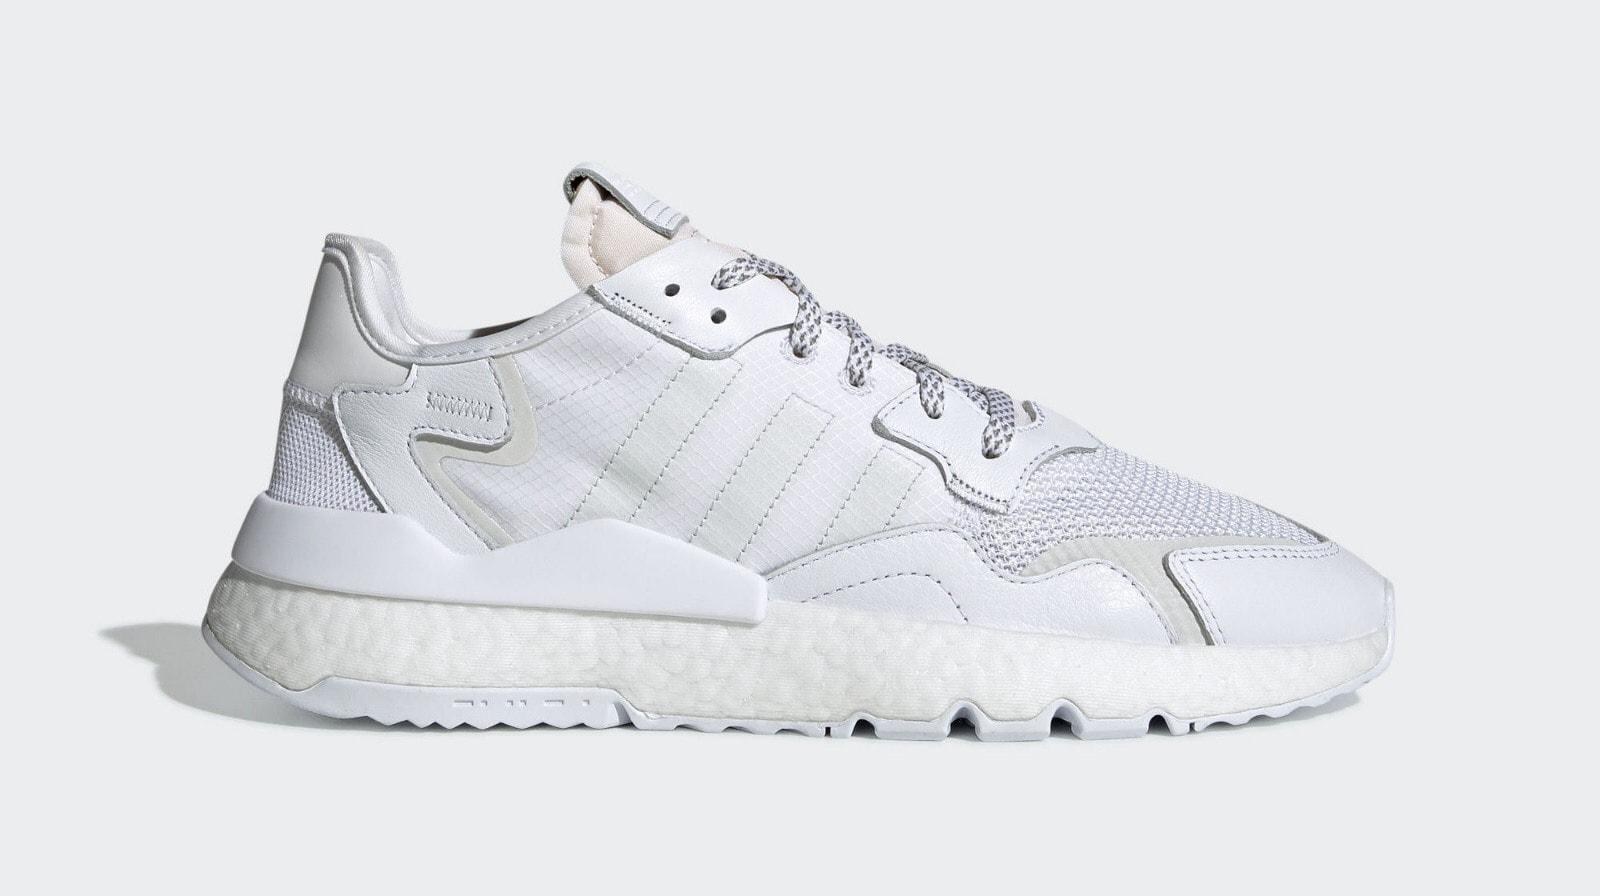 246cf3d4e2b101 adidas Originals Set to Release a Plethora of Spring Ready Nite ...